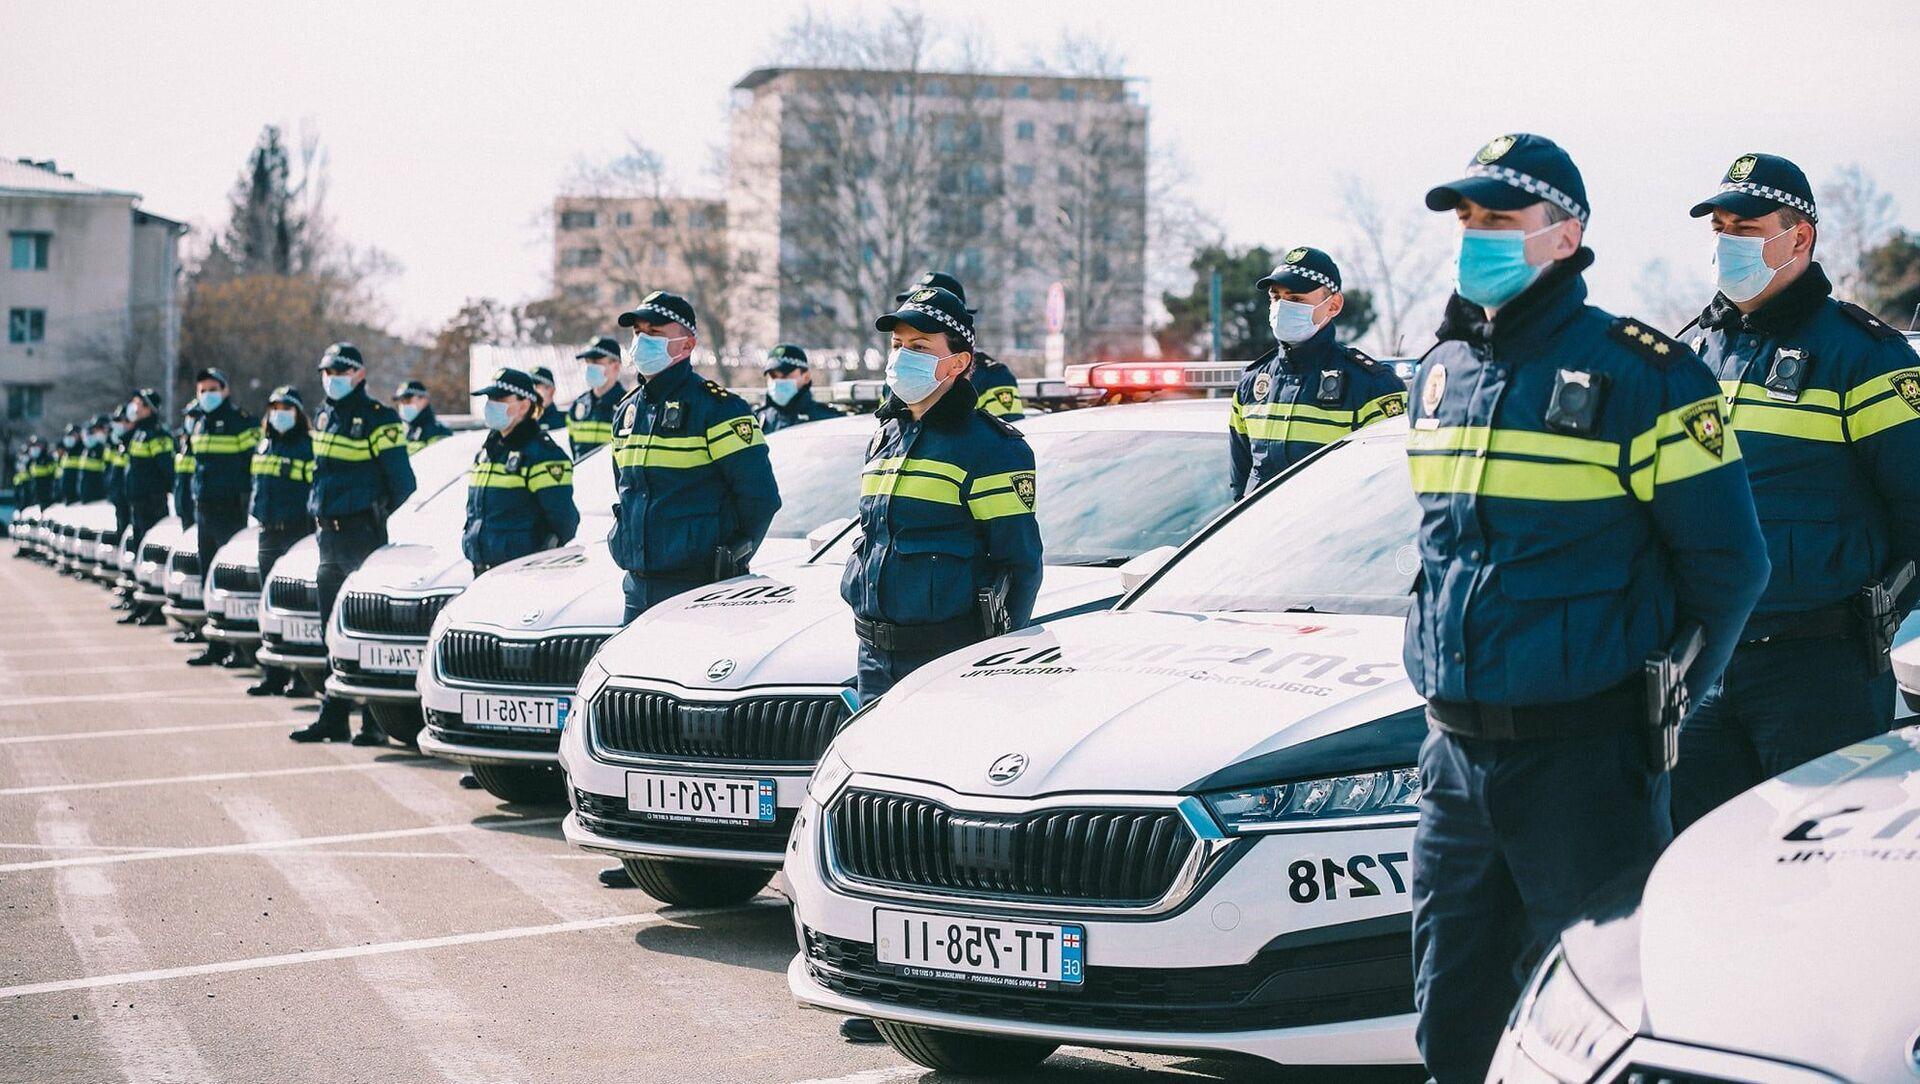 Автопарк полиции Грузии пополнился 225 новыми машинами - Sputnik Грузия, 1920, 20.03.2021